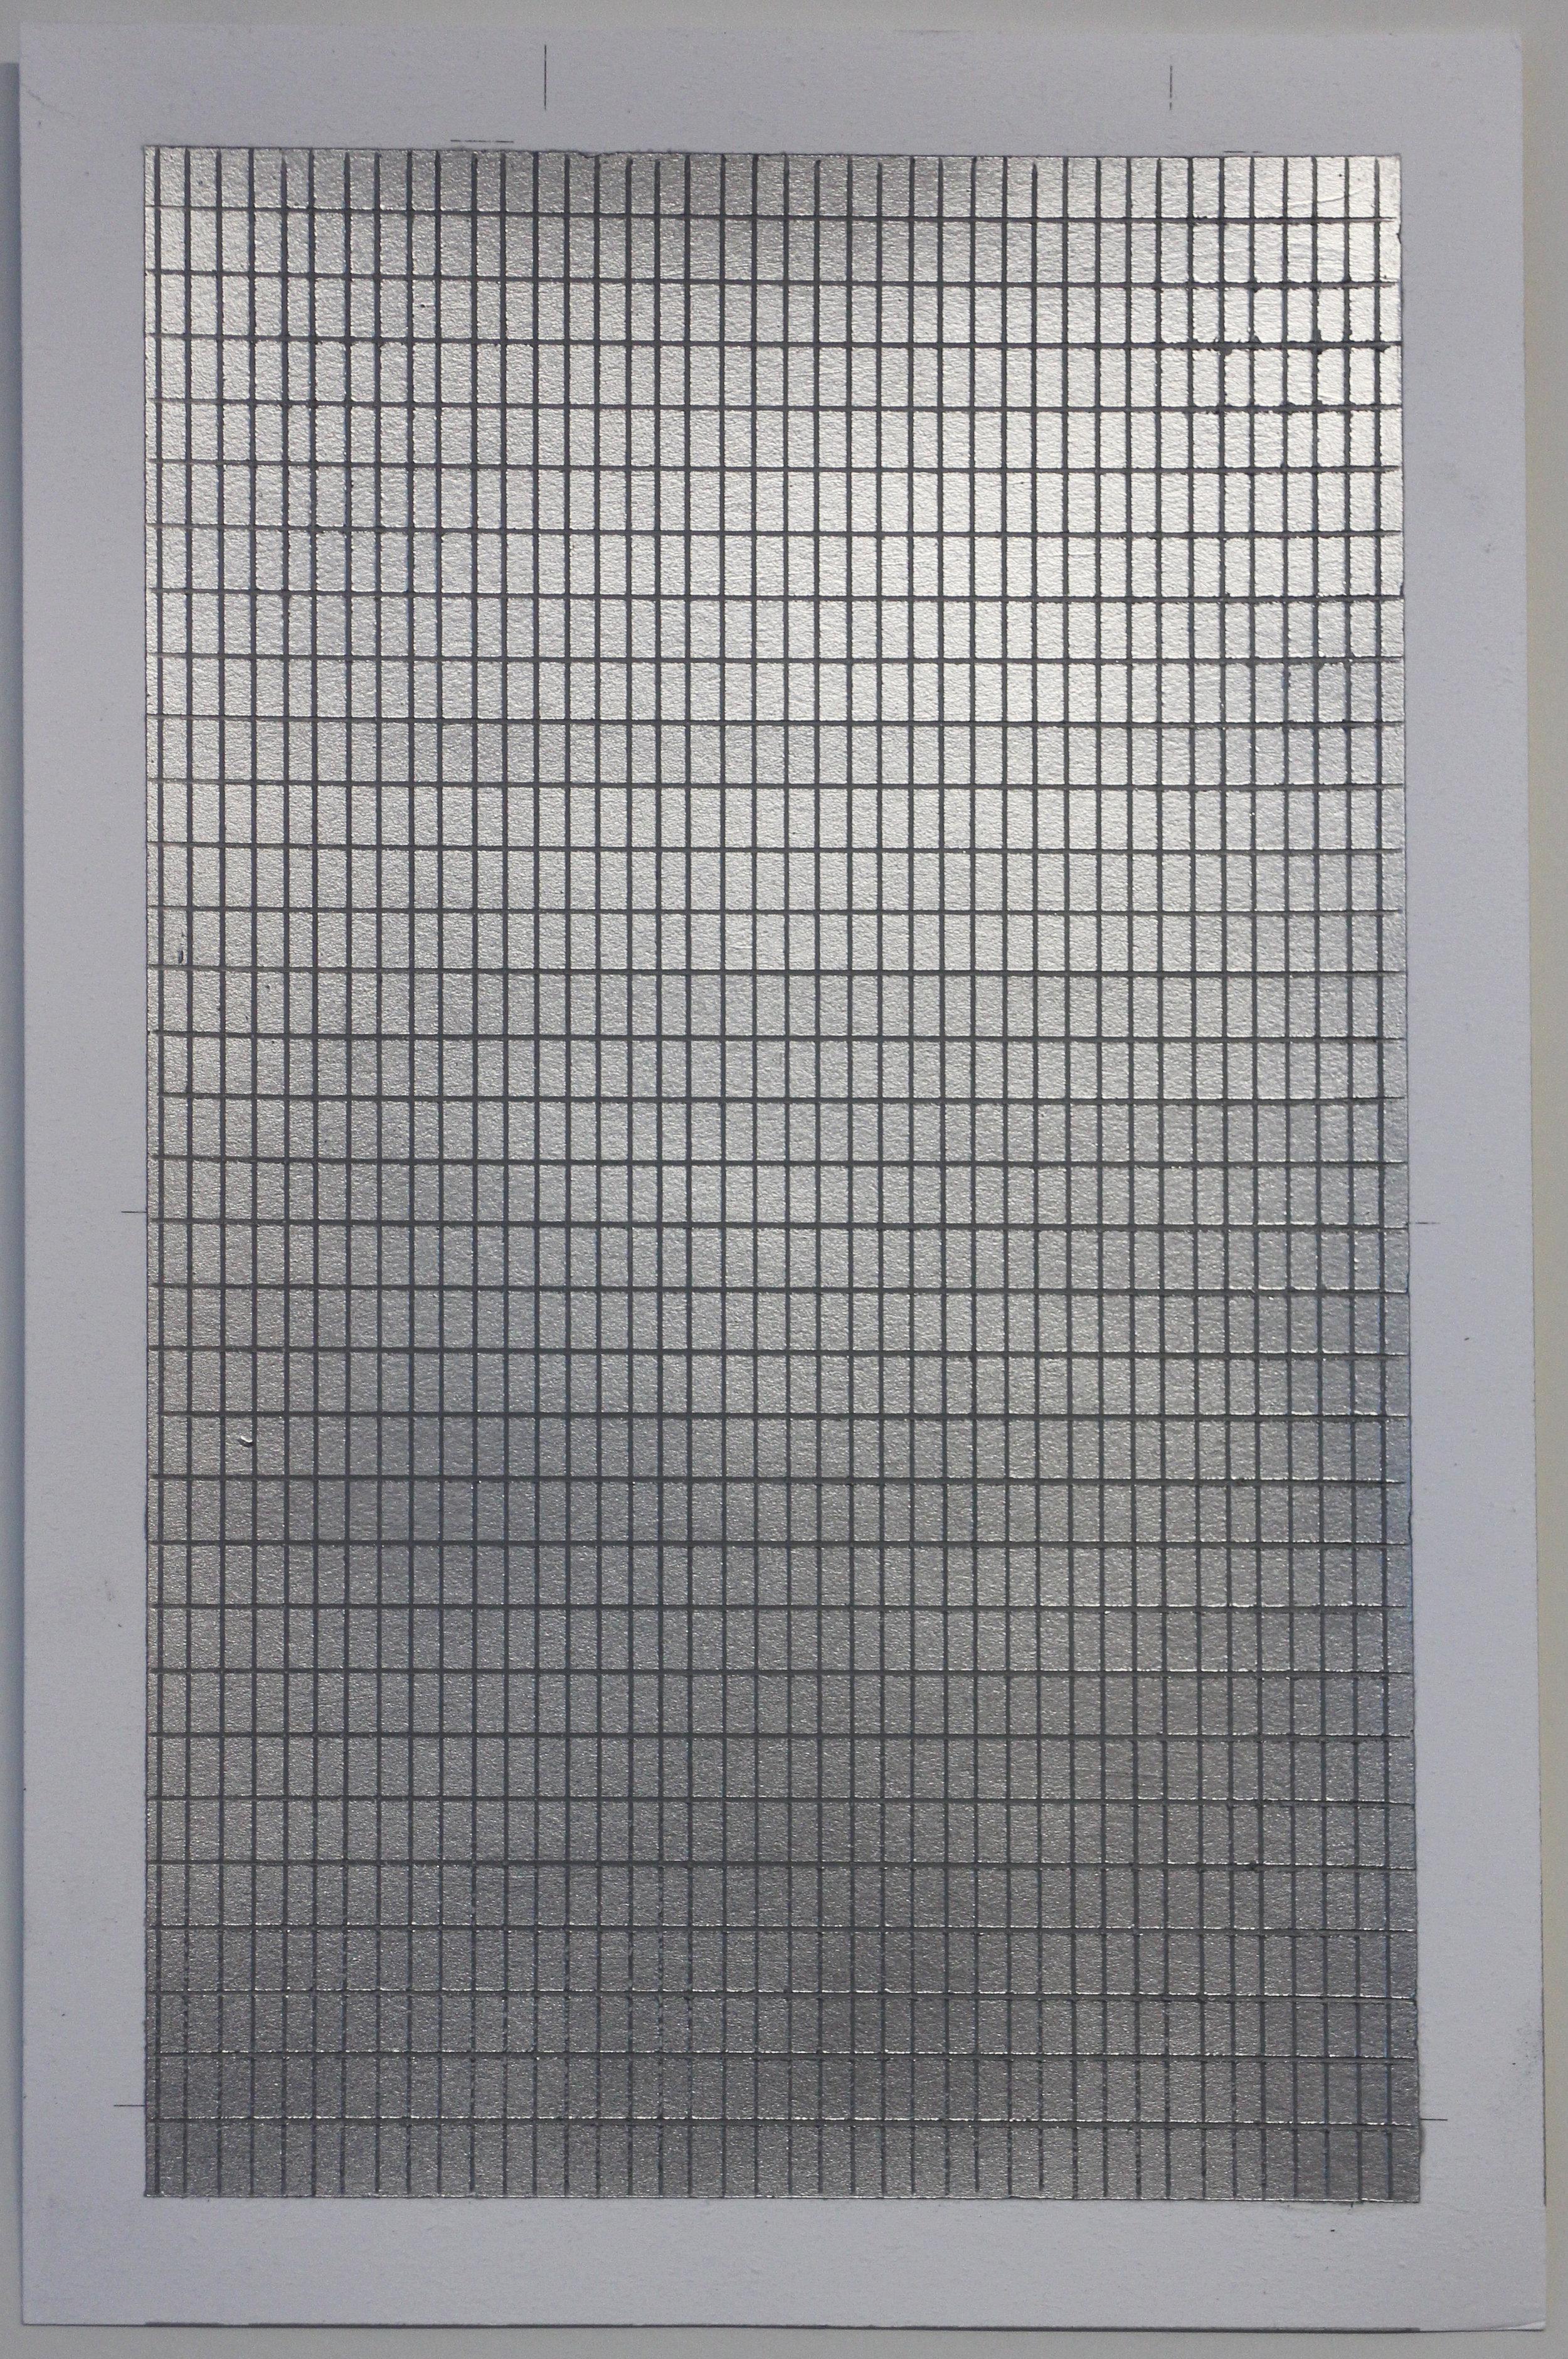 Silver Grid 1.4x1.2  2.4.17